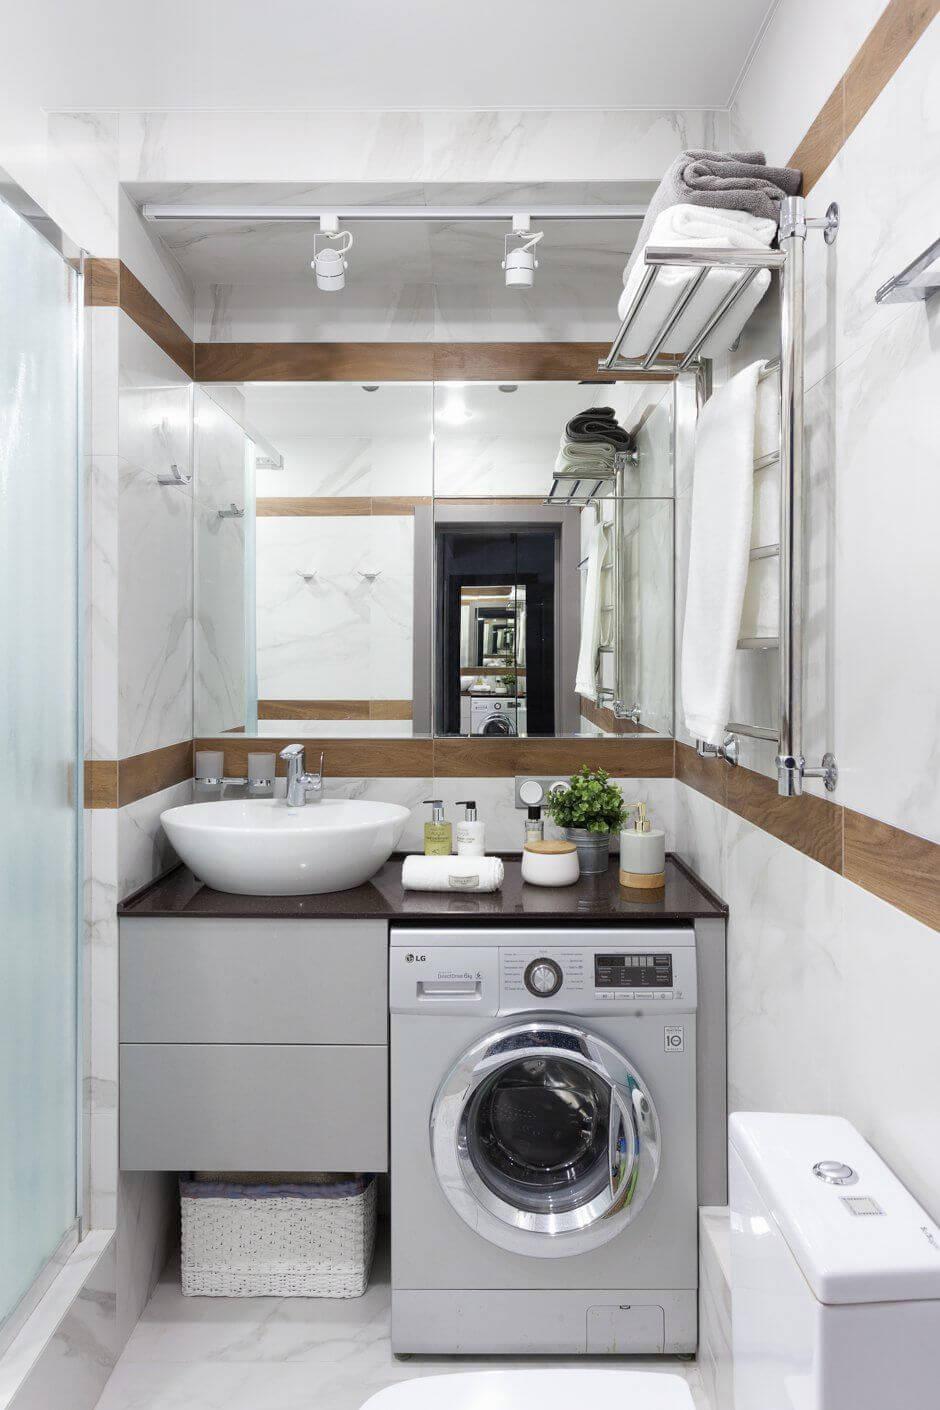 ванная с стиральной машиной